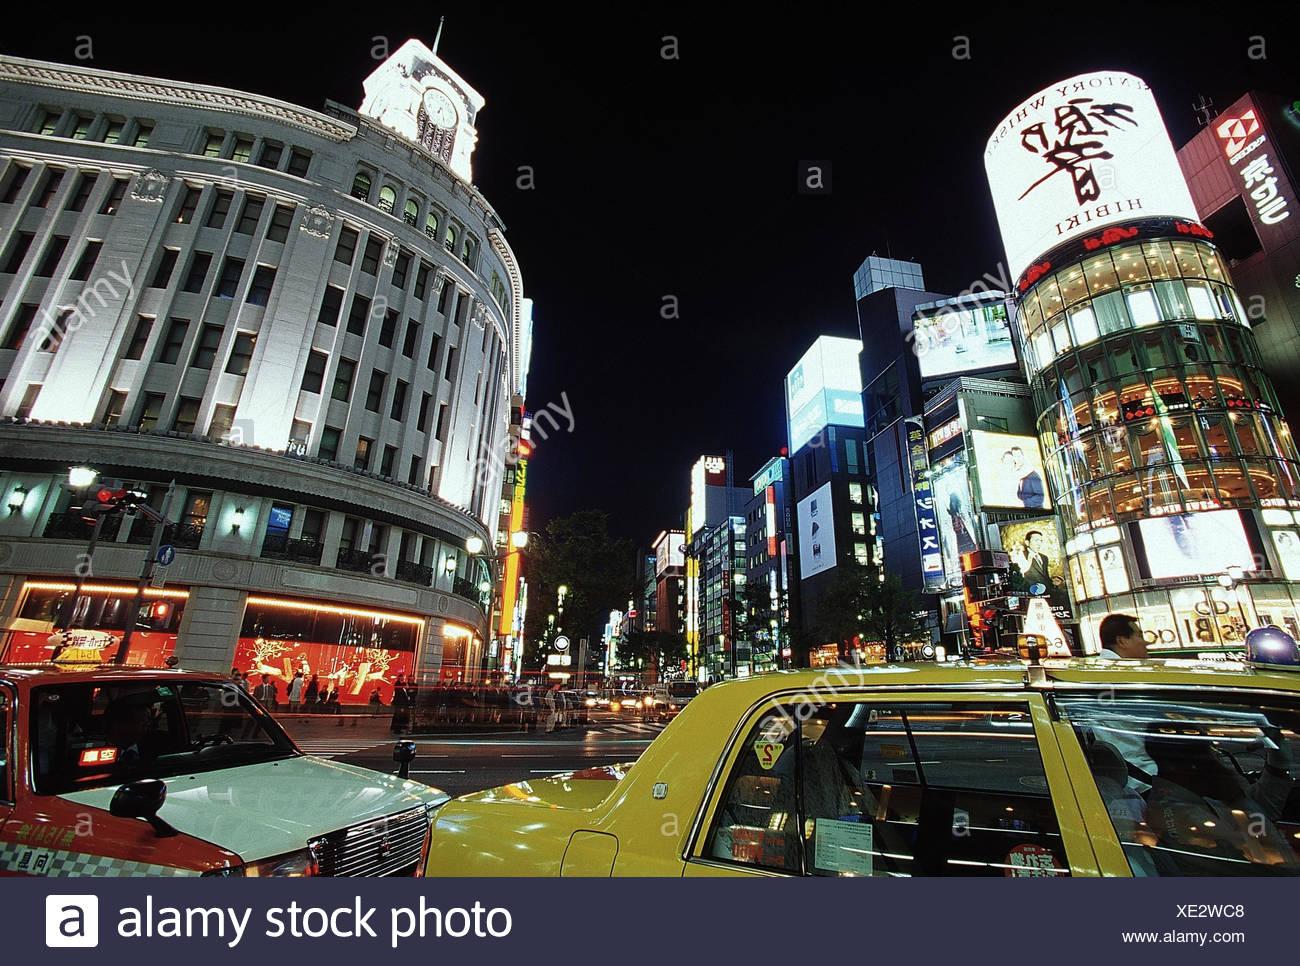 Japan, Tokio, Ginza, Stadtansicht, Straßenverkehr, Nacht  außen, Tokyo-to, Stadt, Stadtteil, Vergnügungsviertel, Einkaufsviertel, Leuchtreklame, Linksverkehr, Verkehr, Transport, Auto, Pkw, Taxi, Straße - Stock Image